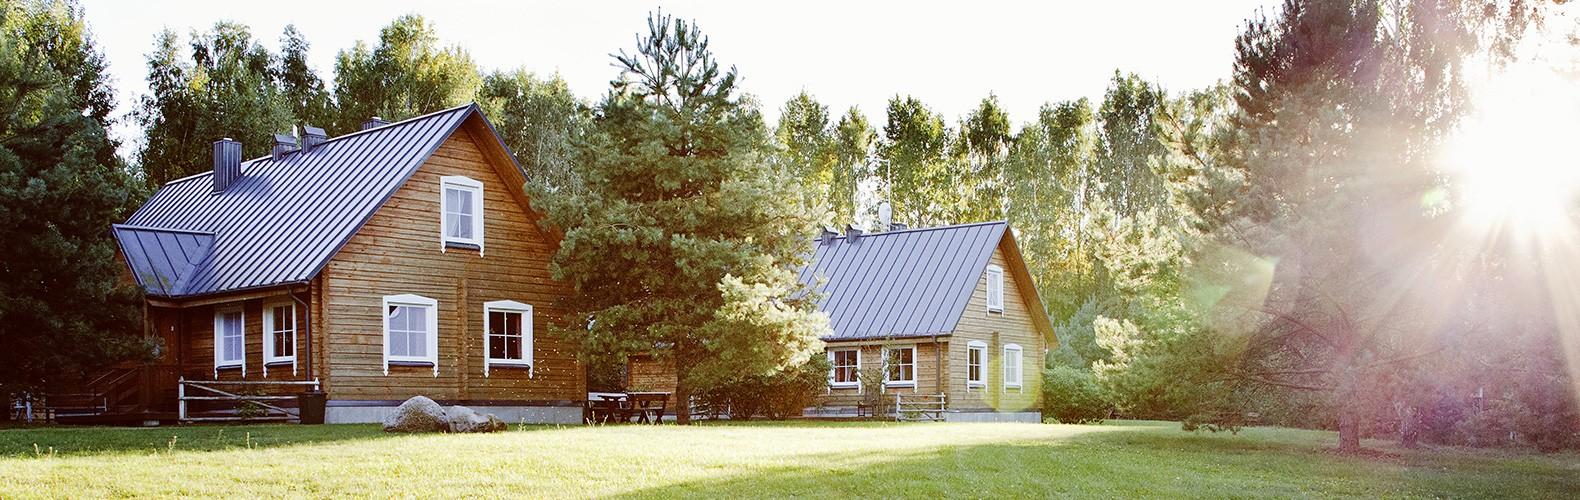 Didžiojo rąstinio namo išorė | Kernavės bajorynė